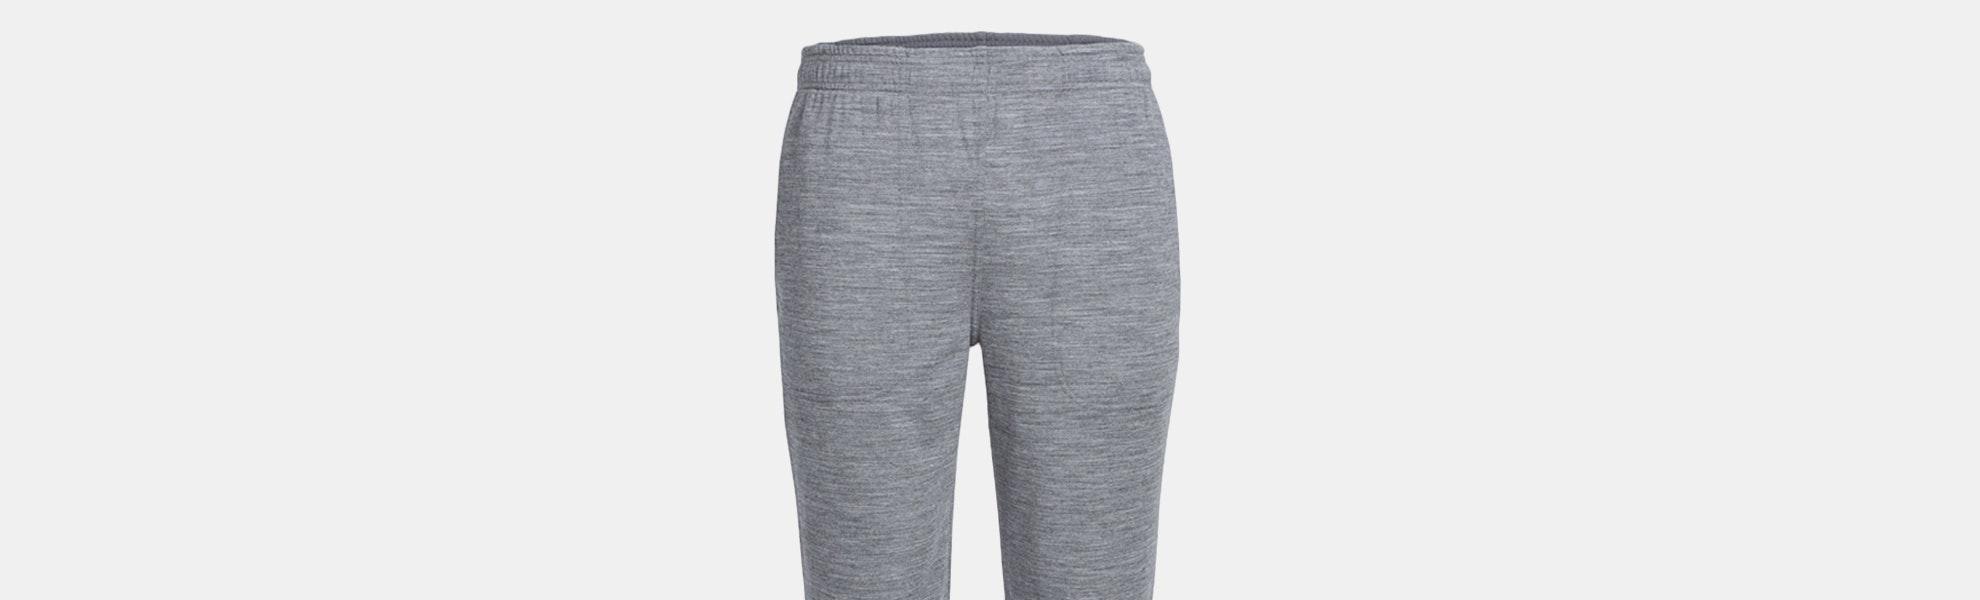 Icebreaker Shifter Men's Merino Wool Pants